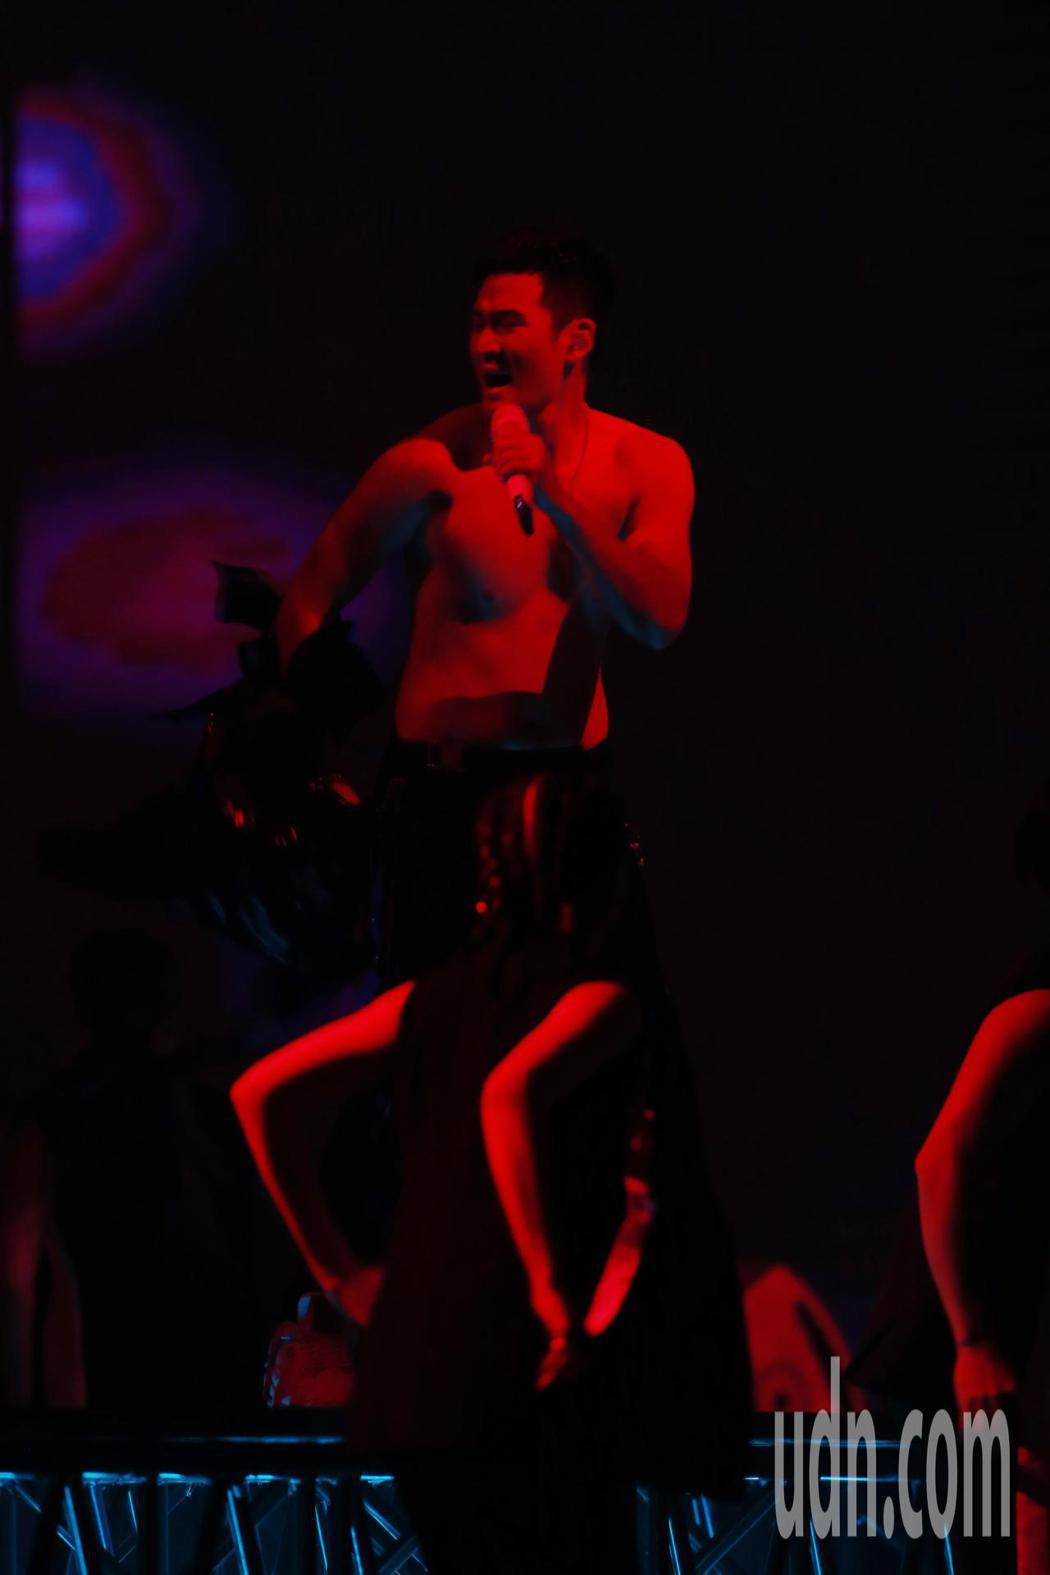 歌手周興哲晚間在台北小巨蛋舉辦演唱會,第三首歌曲唱到一半他突然脫掉上衣,展現數月...